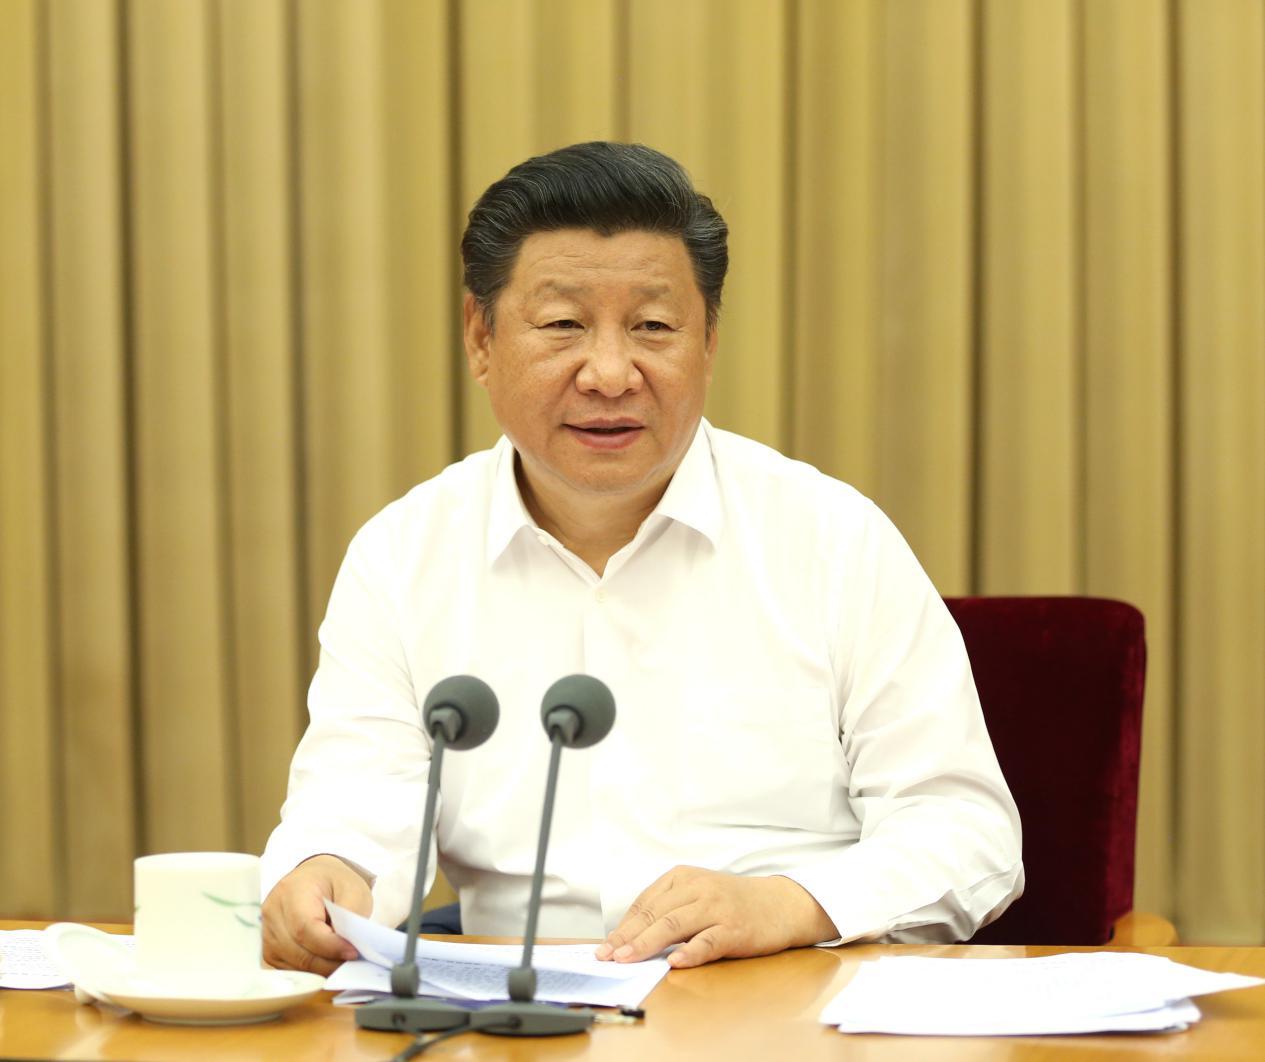 2016年8月19日至20日,全国卫生与健康大会在北京举行。习近平出席会议并发表重要讲话。